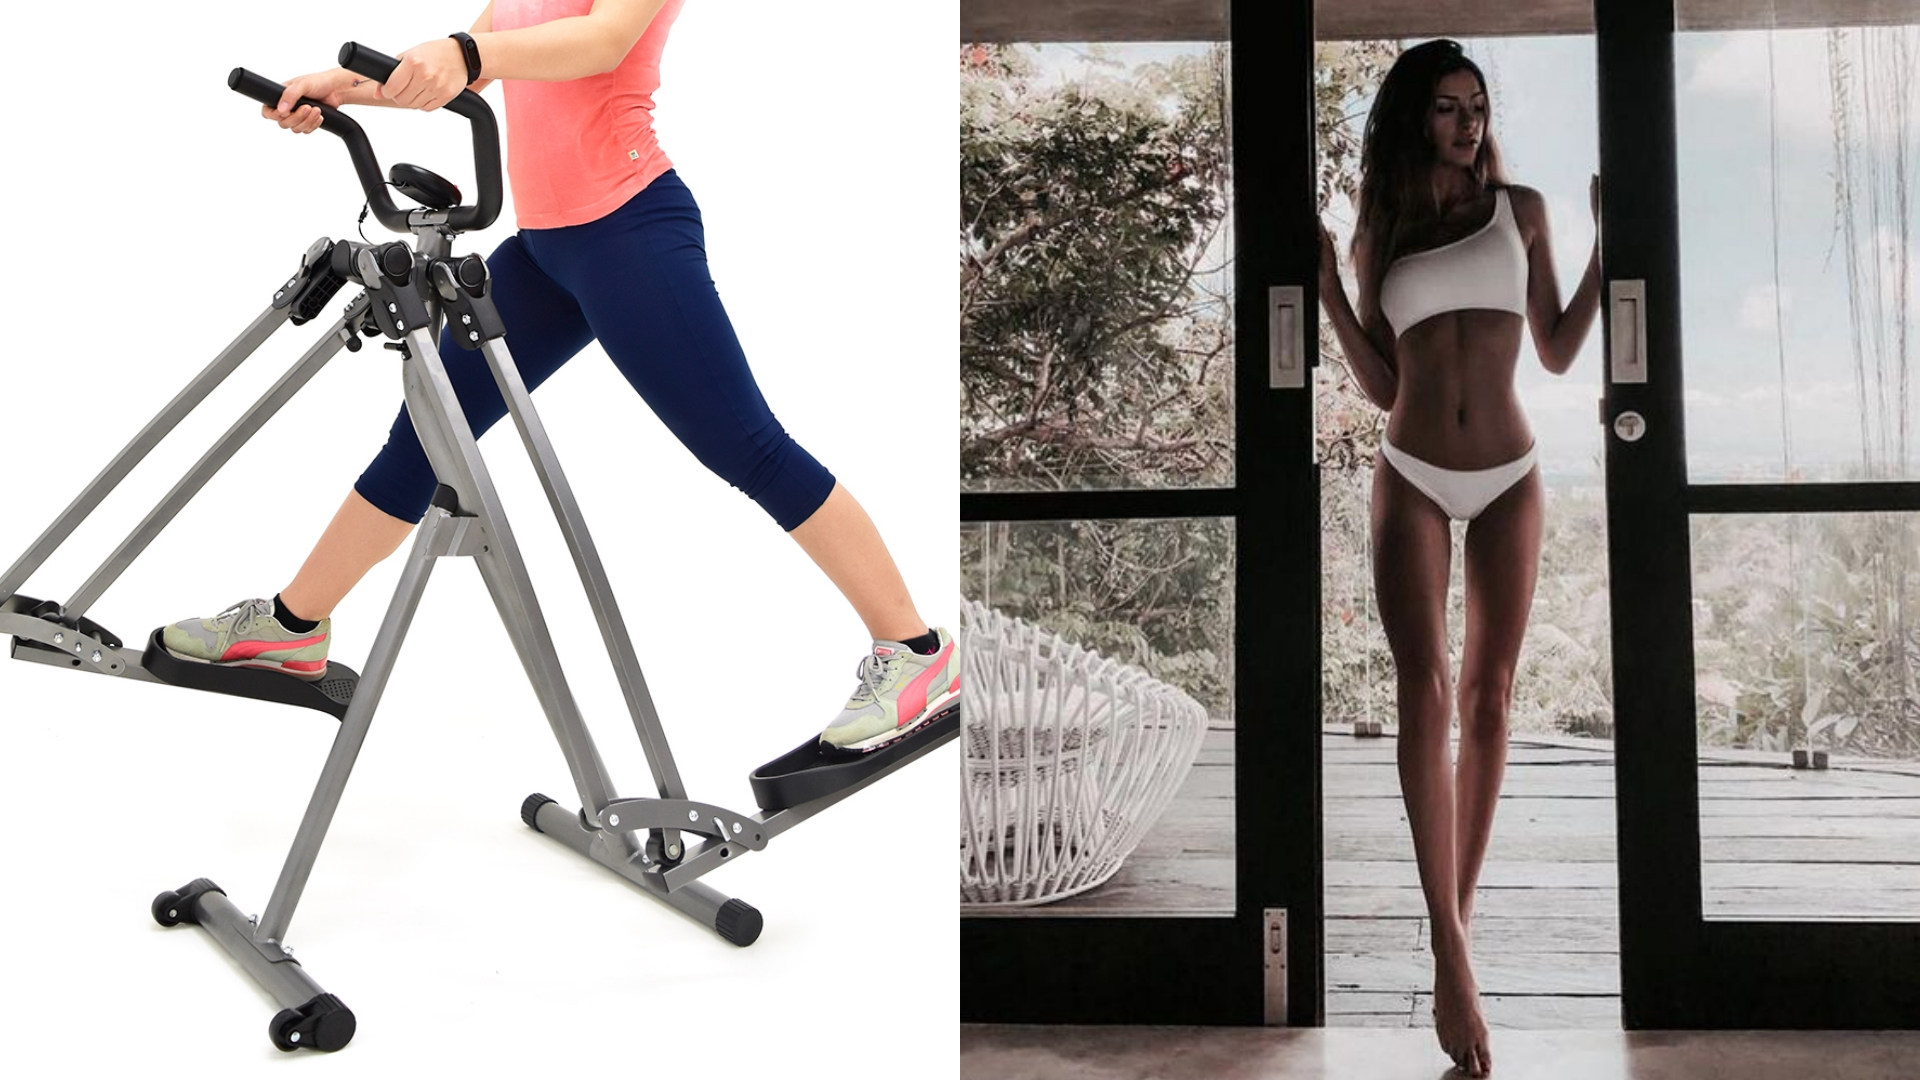 透過手腳的交互弧形擺動,可以降低衝擊、卻能達到和跑步類似的效果,增強心肺功能並且訓練下肢。